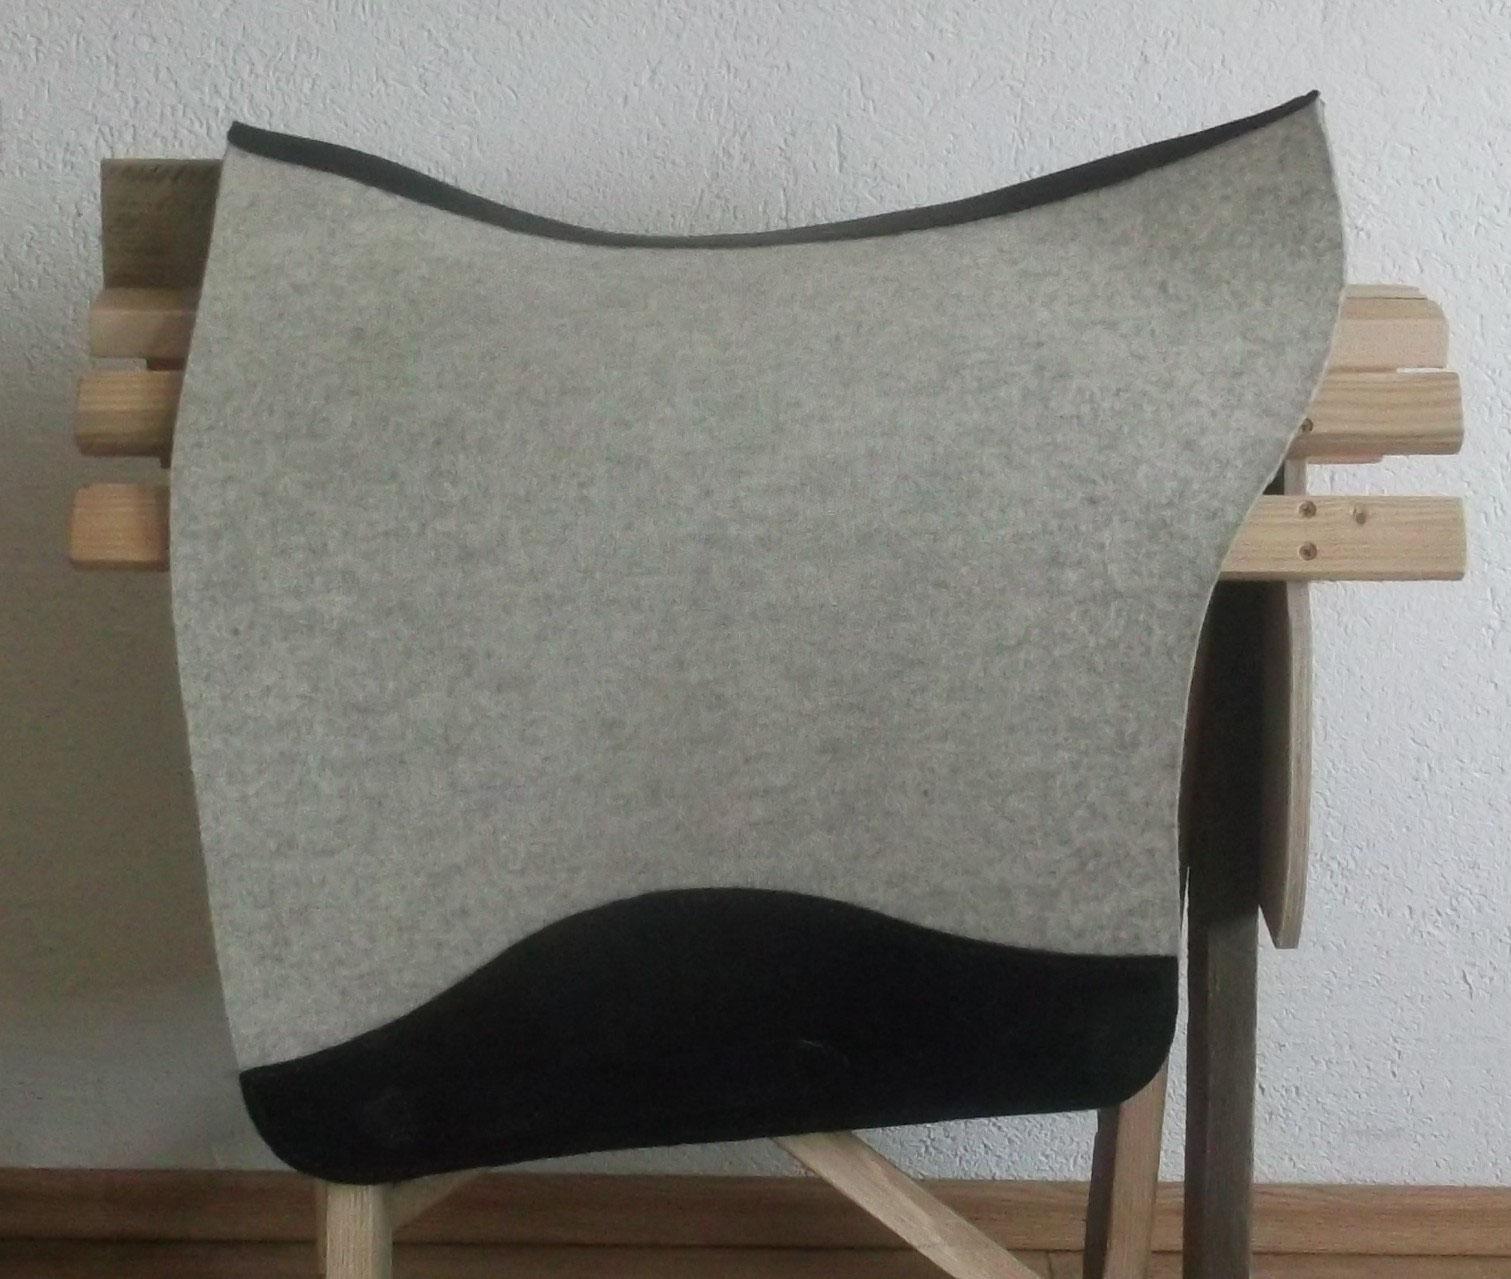 filz satteldecken westernpad reitpad sattel und mehr. Black Bedroom Furniture Sets. Home Design Ideas